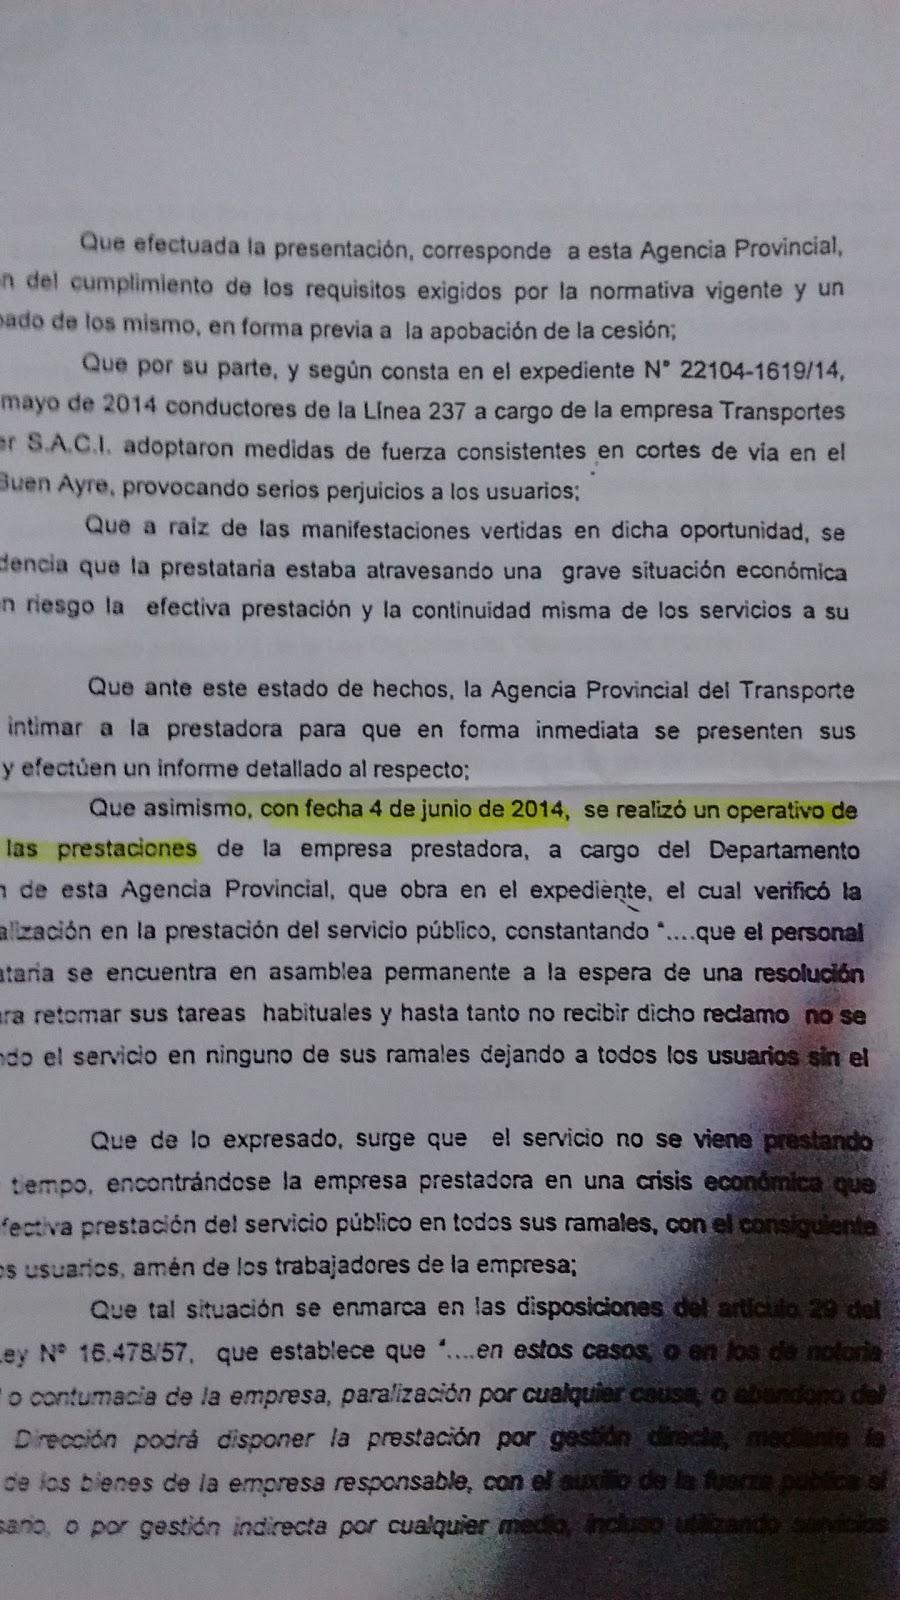 OTRO CURRO: EL CASO DE LA VILLA BALLESTER S.A.C.I., HOY COMPAÑÍA ...